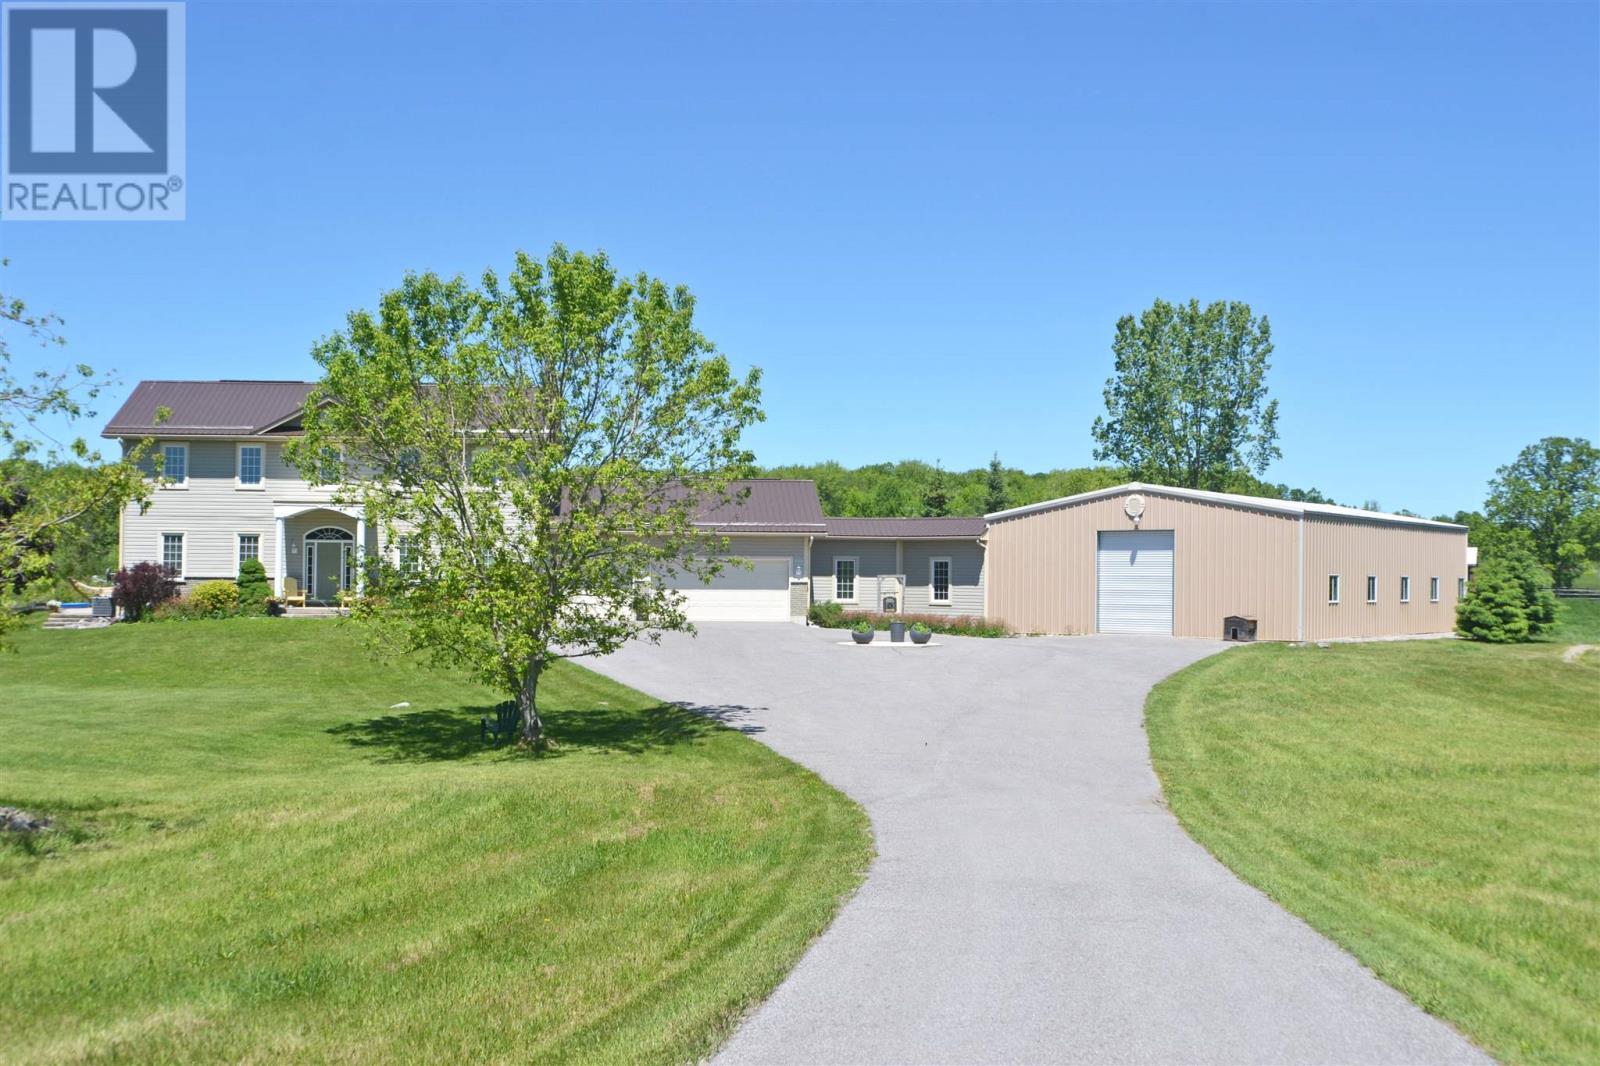 524 Hoover Rd, Stirling/rawdon, Ontario  K0K 3E0 - Photo 1 - K21000650